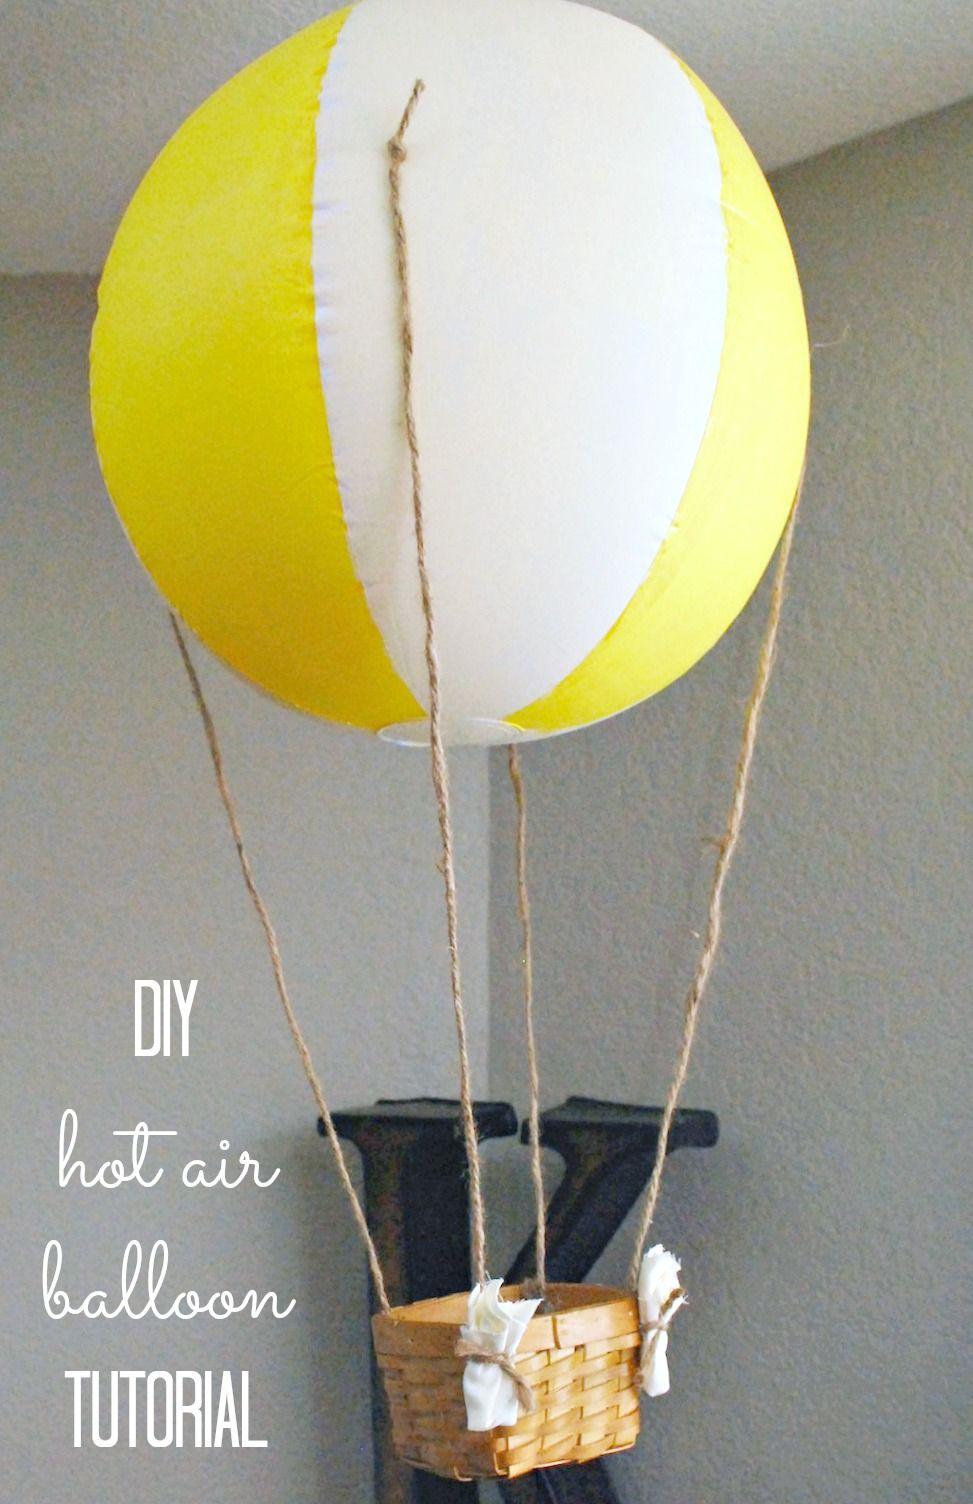 DIY Hot Air Balloon tutorial